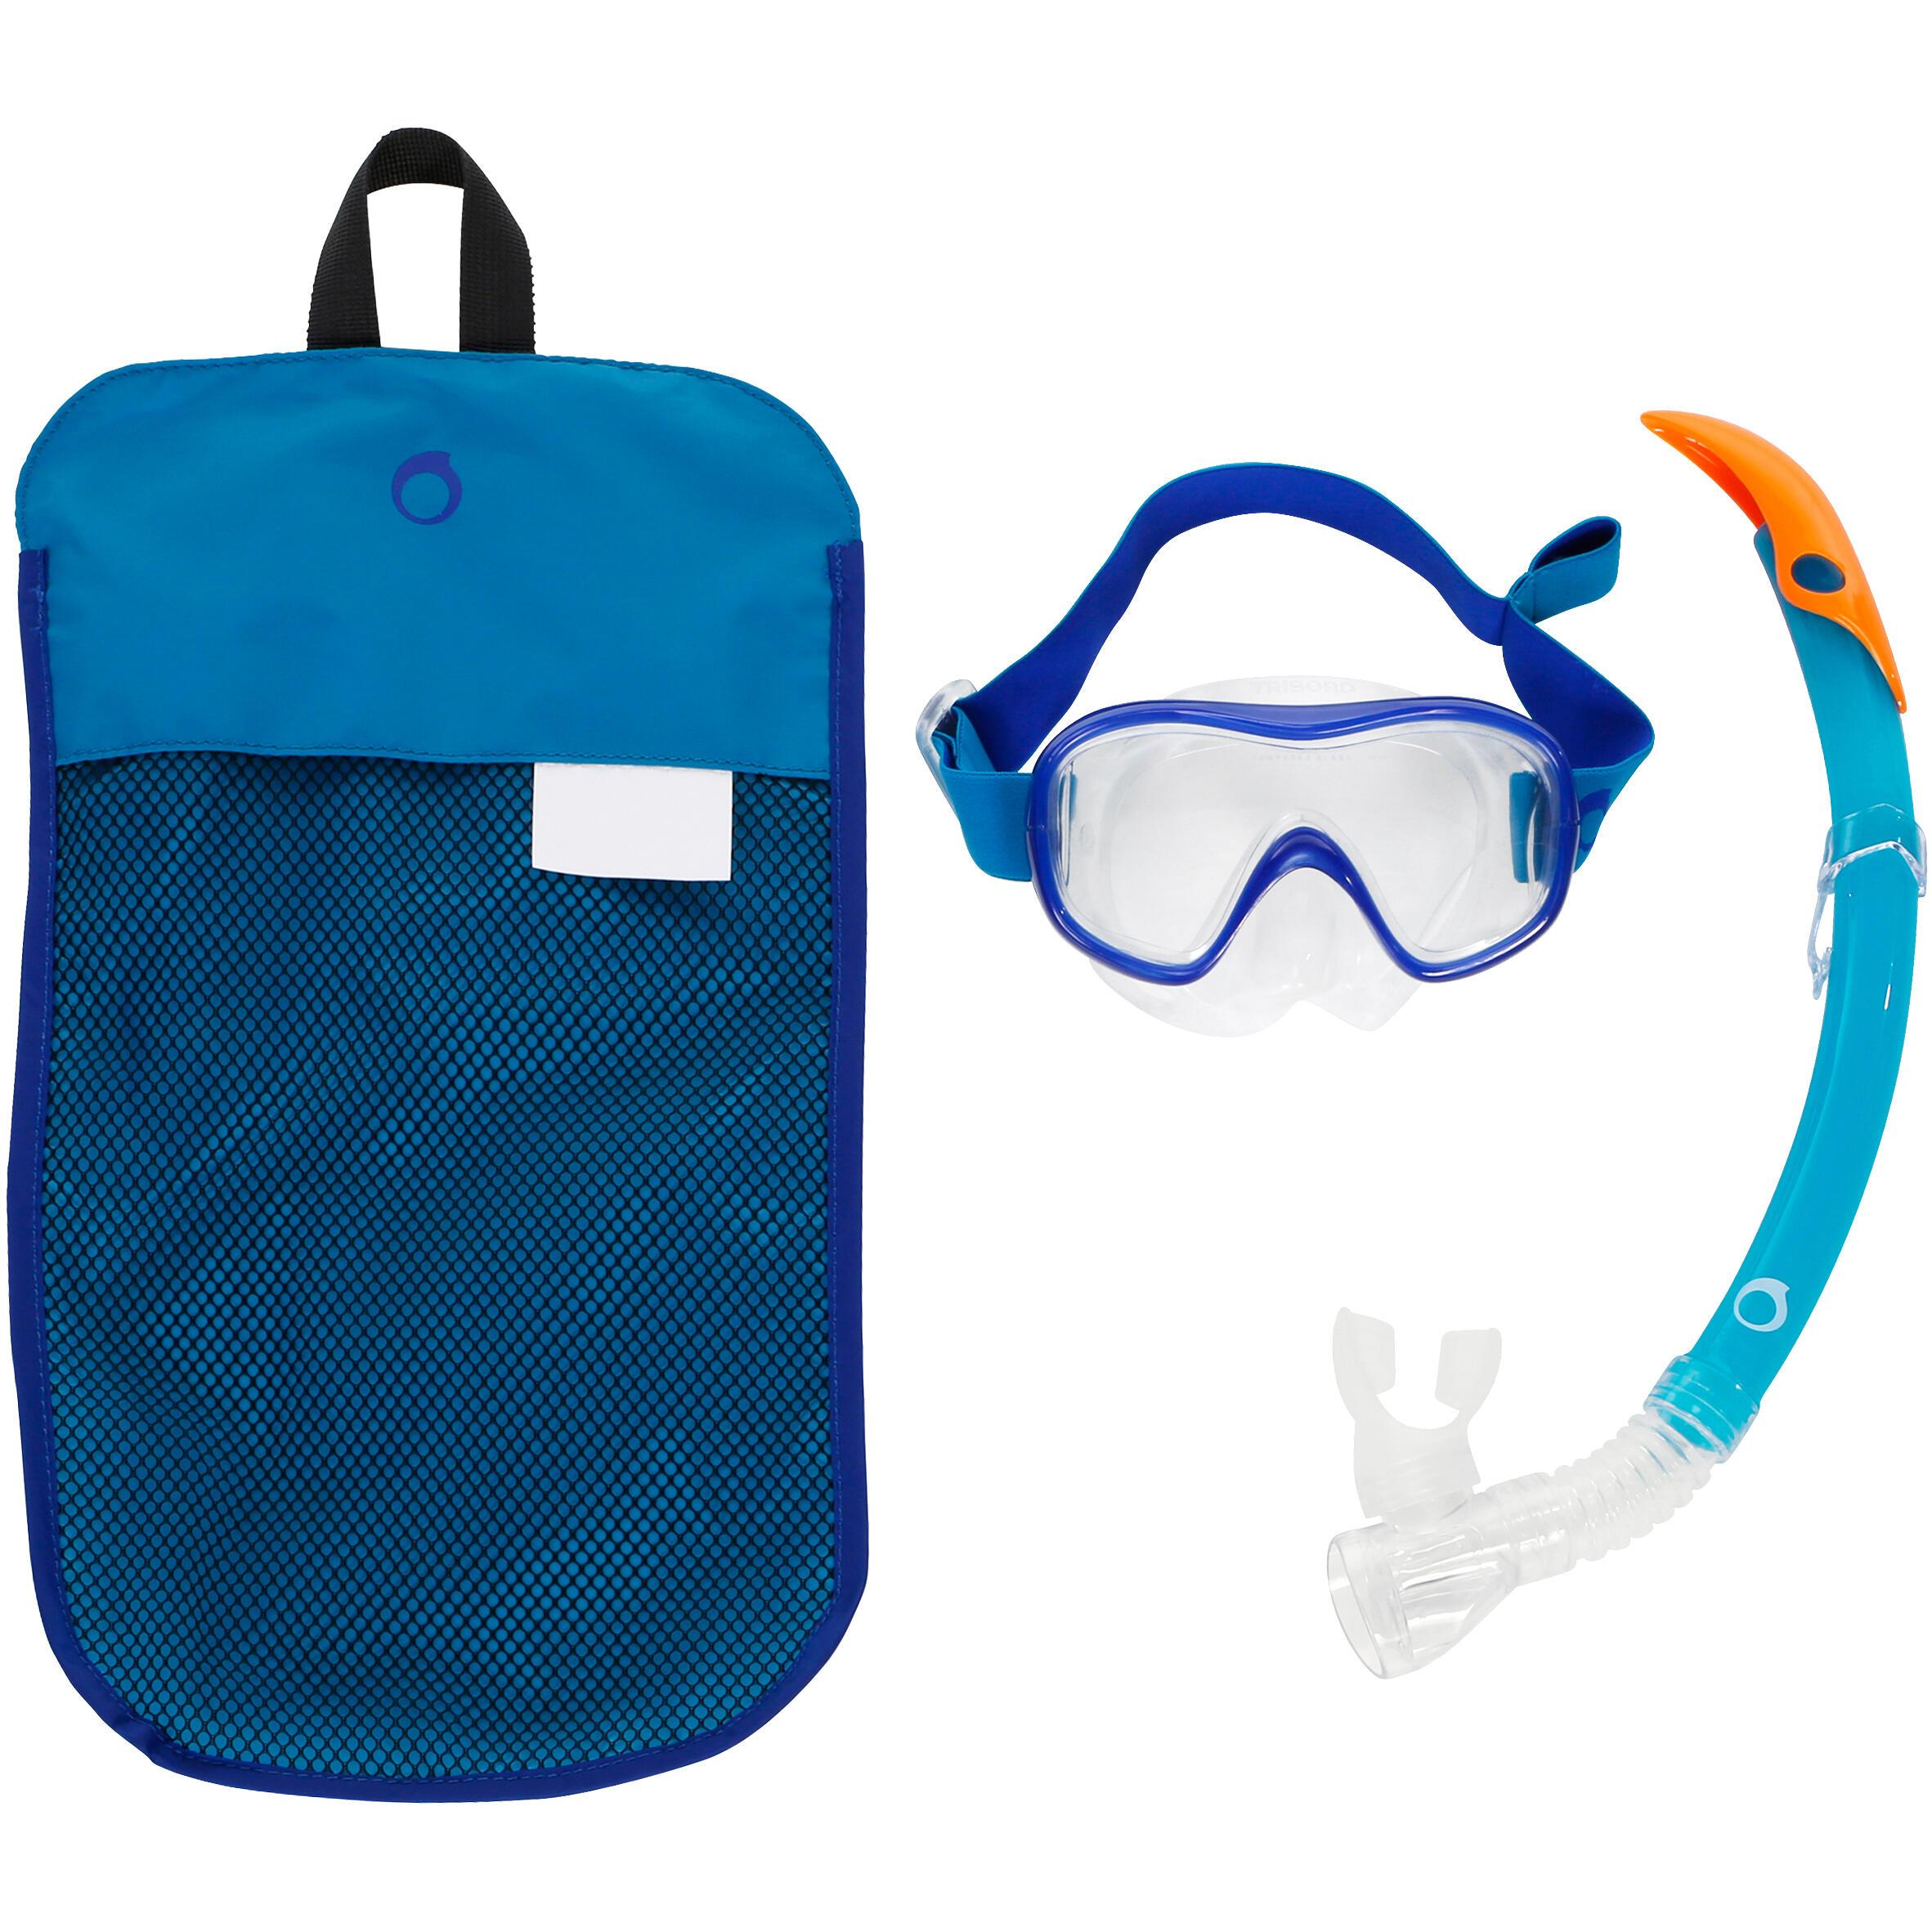 Subea Snorkelset SNK 520 duikbril en snorkel voor volwassenen kopen